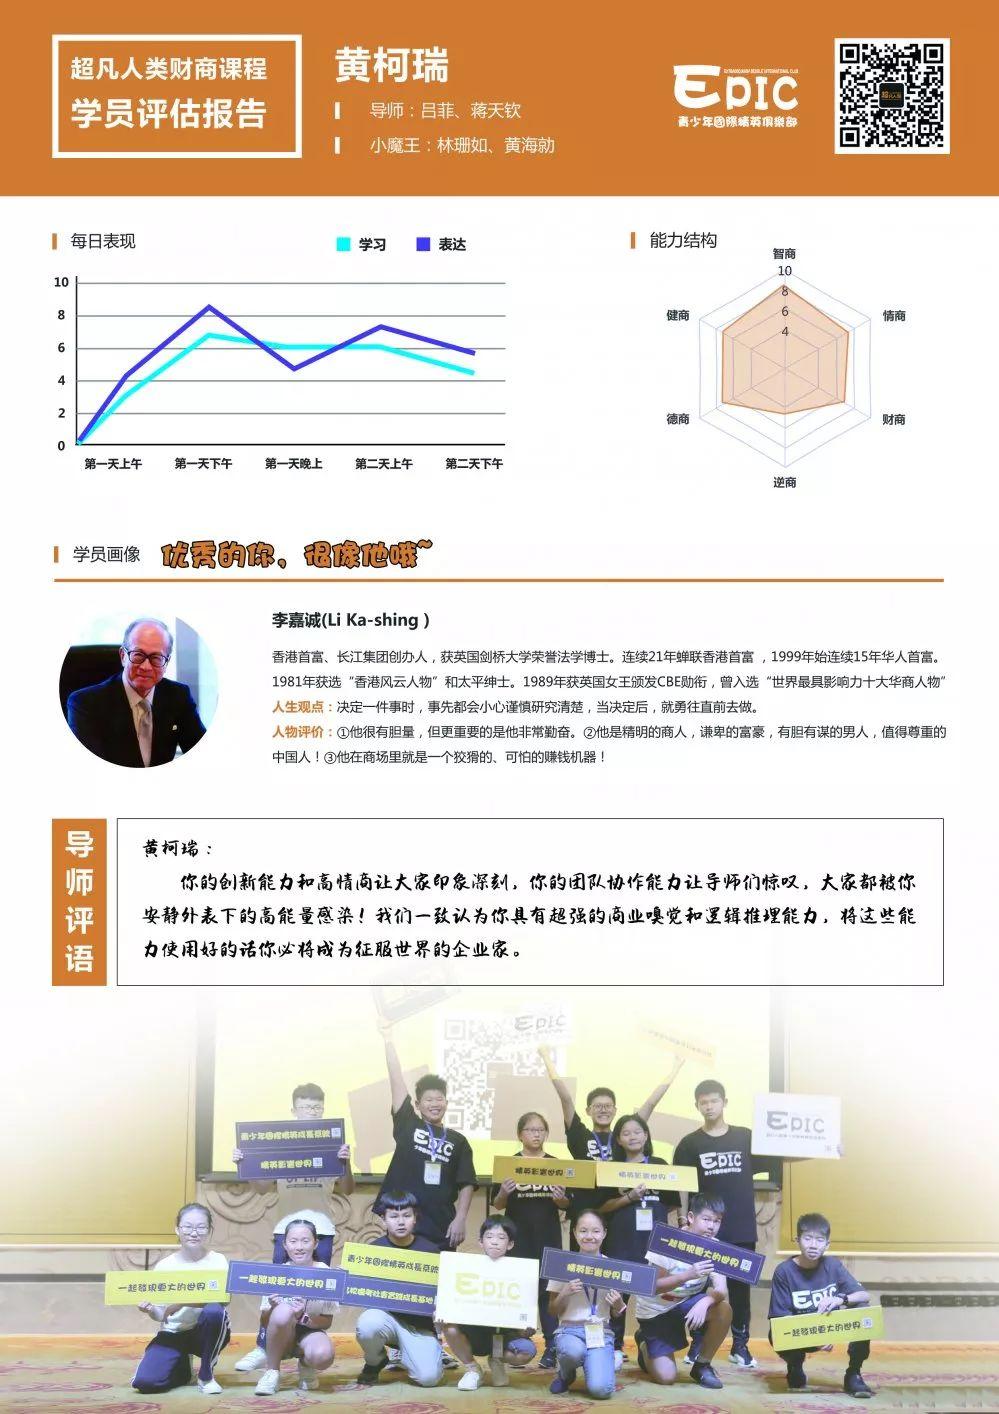 13岁超凡演讲者黄柯瑞:超强商业嗅觉和逻辑推理能力!插图(5)